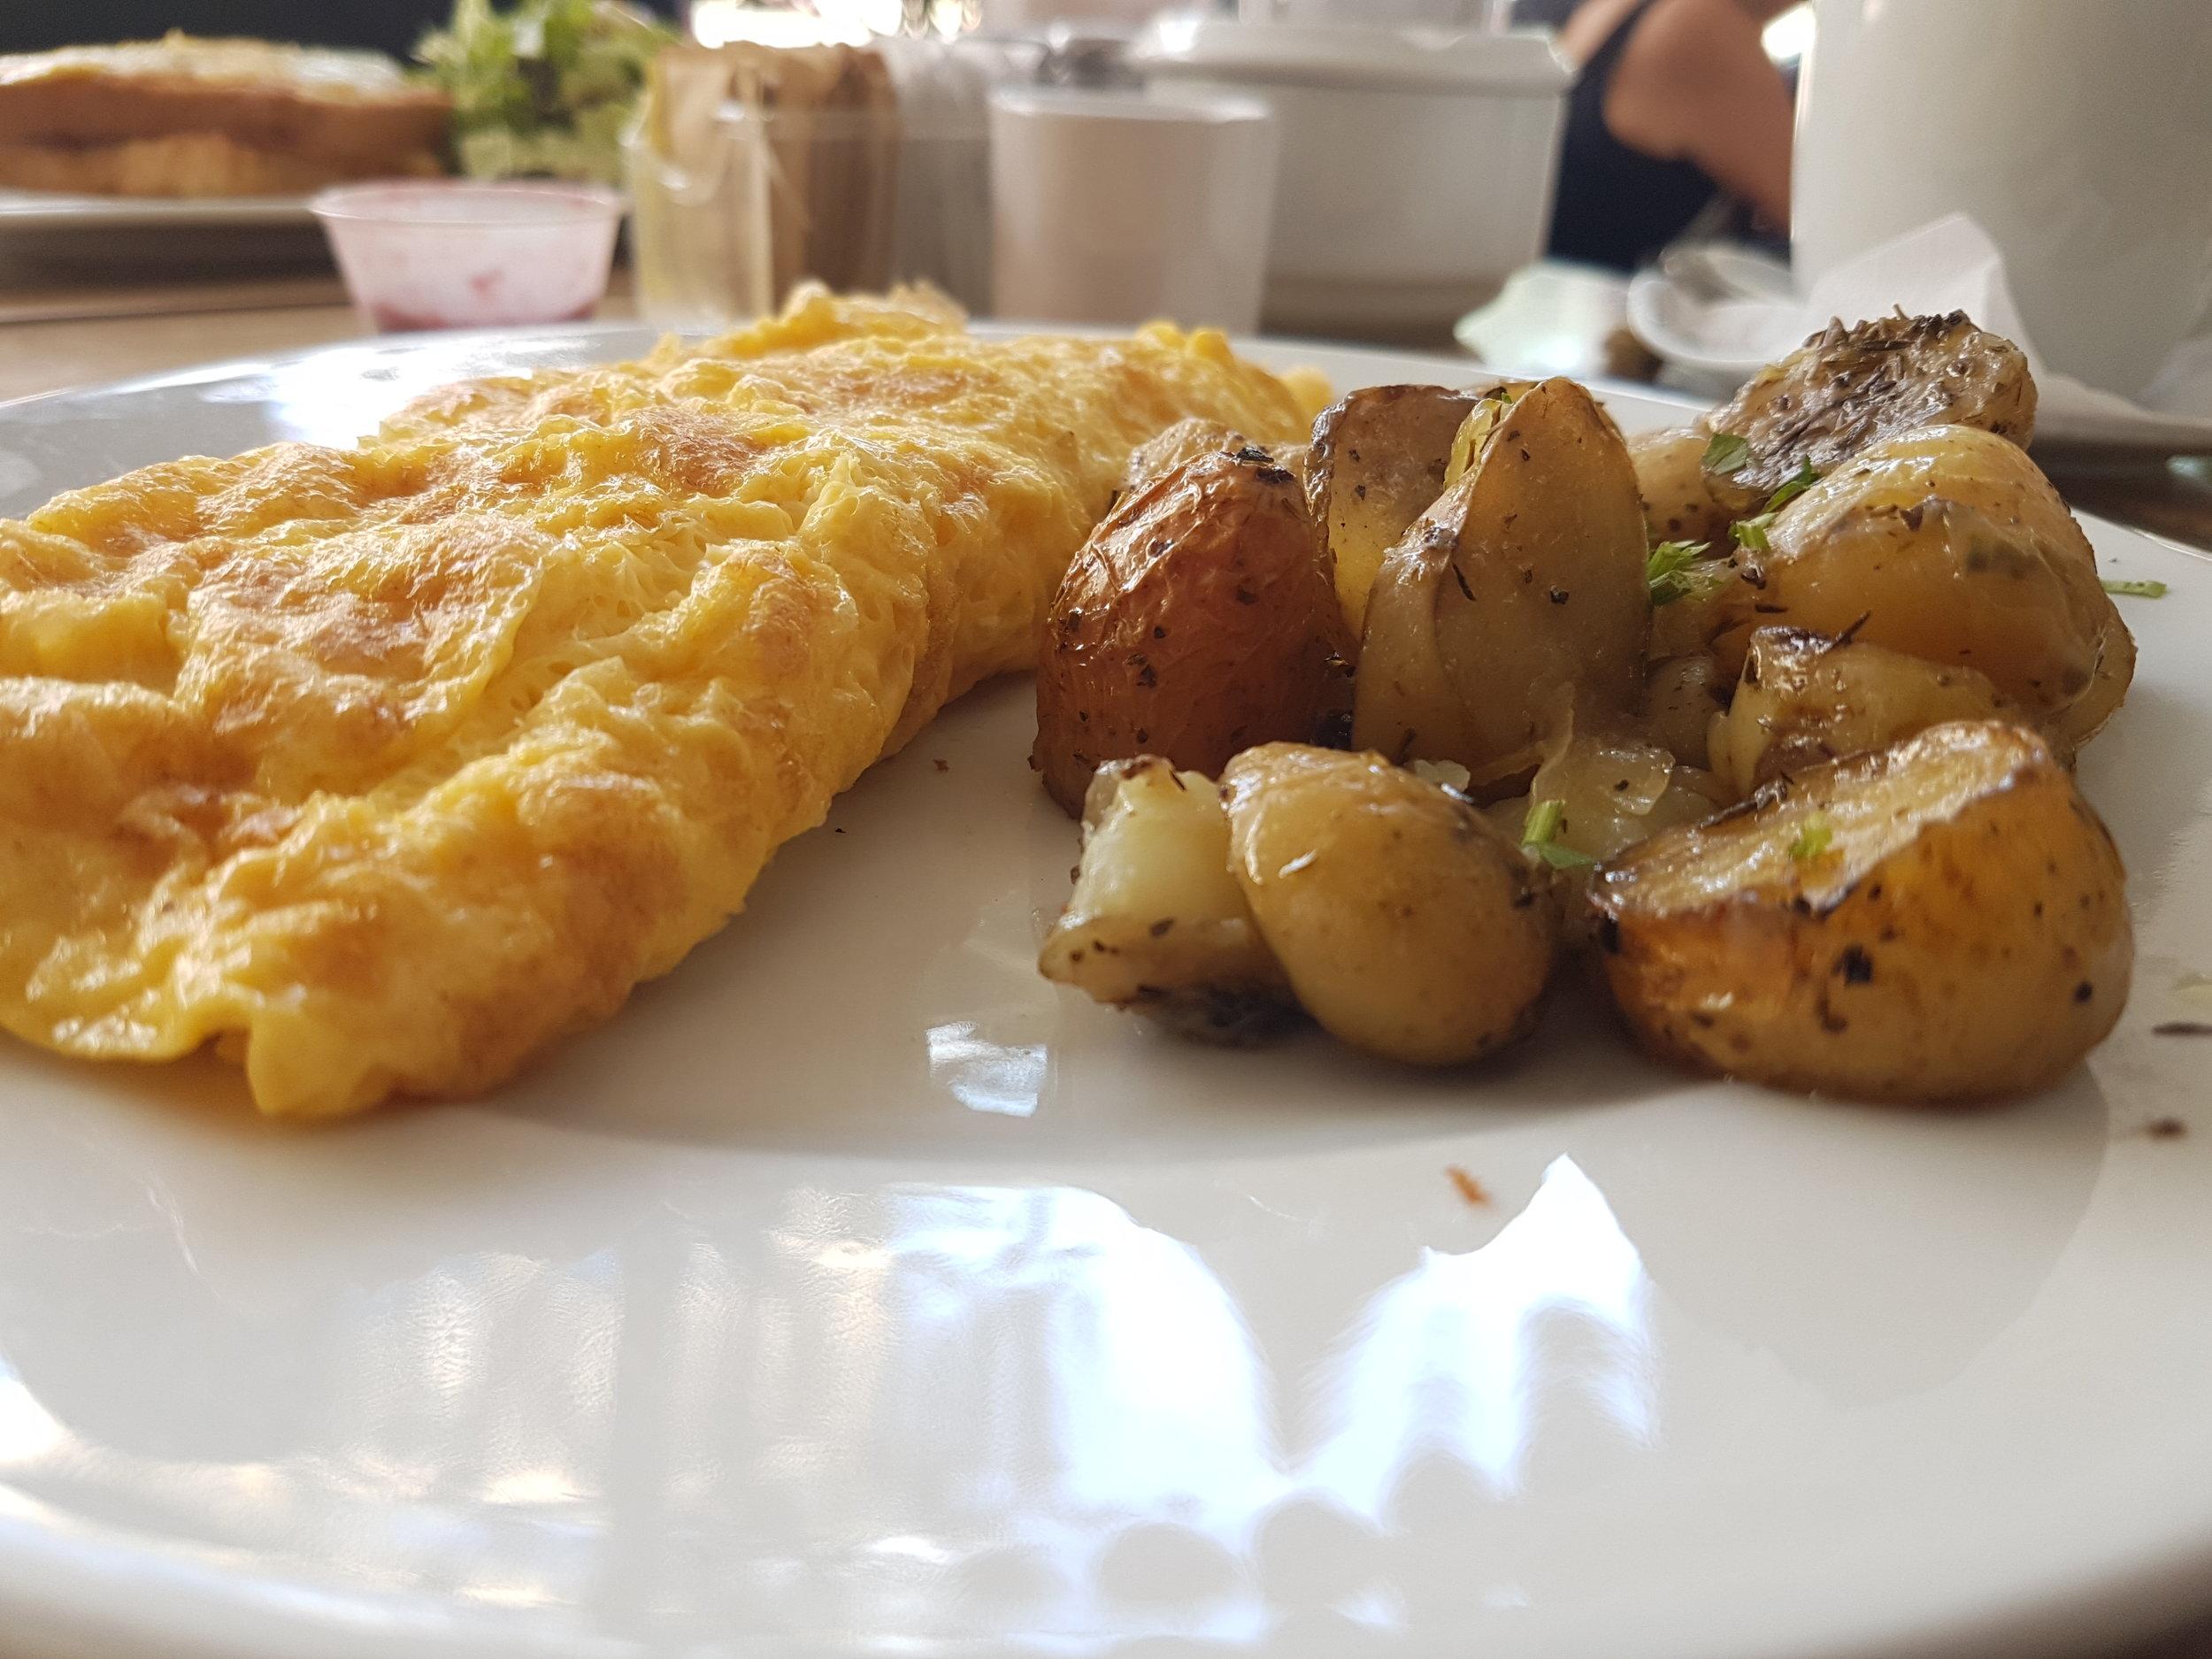 Omelet for breakfast